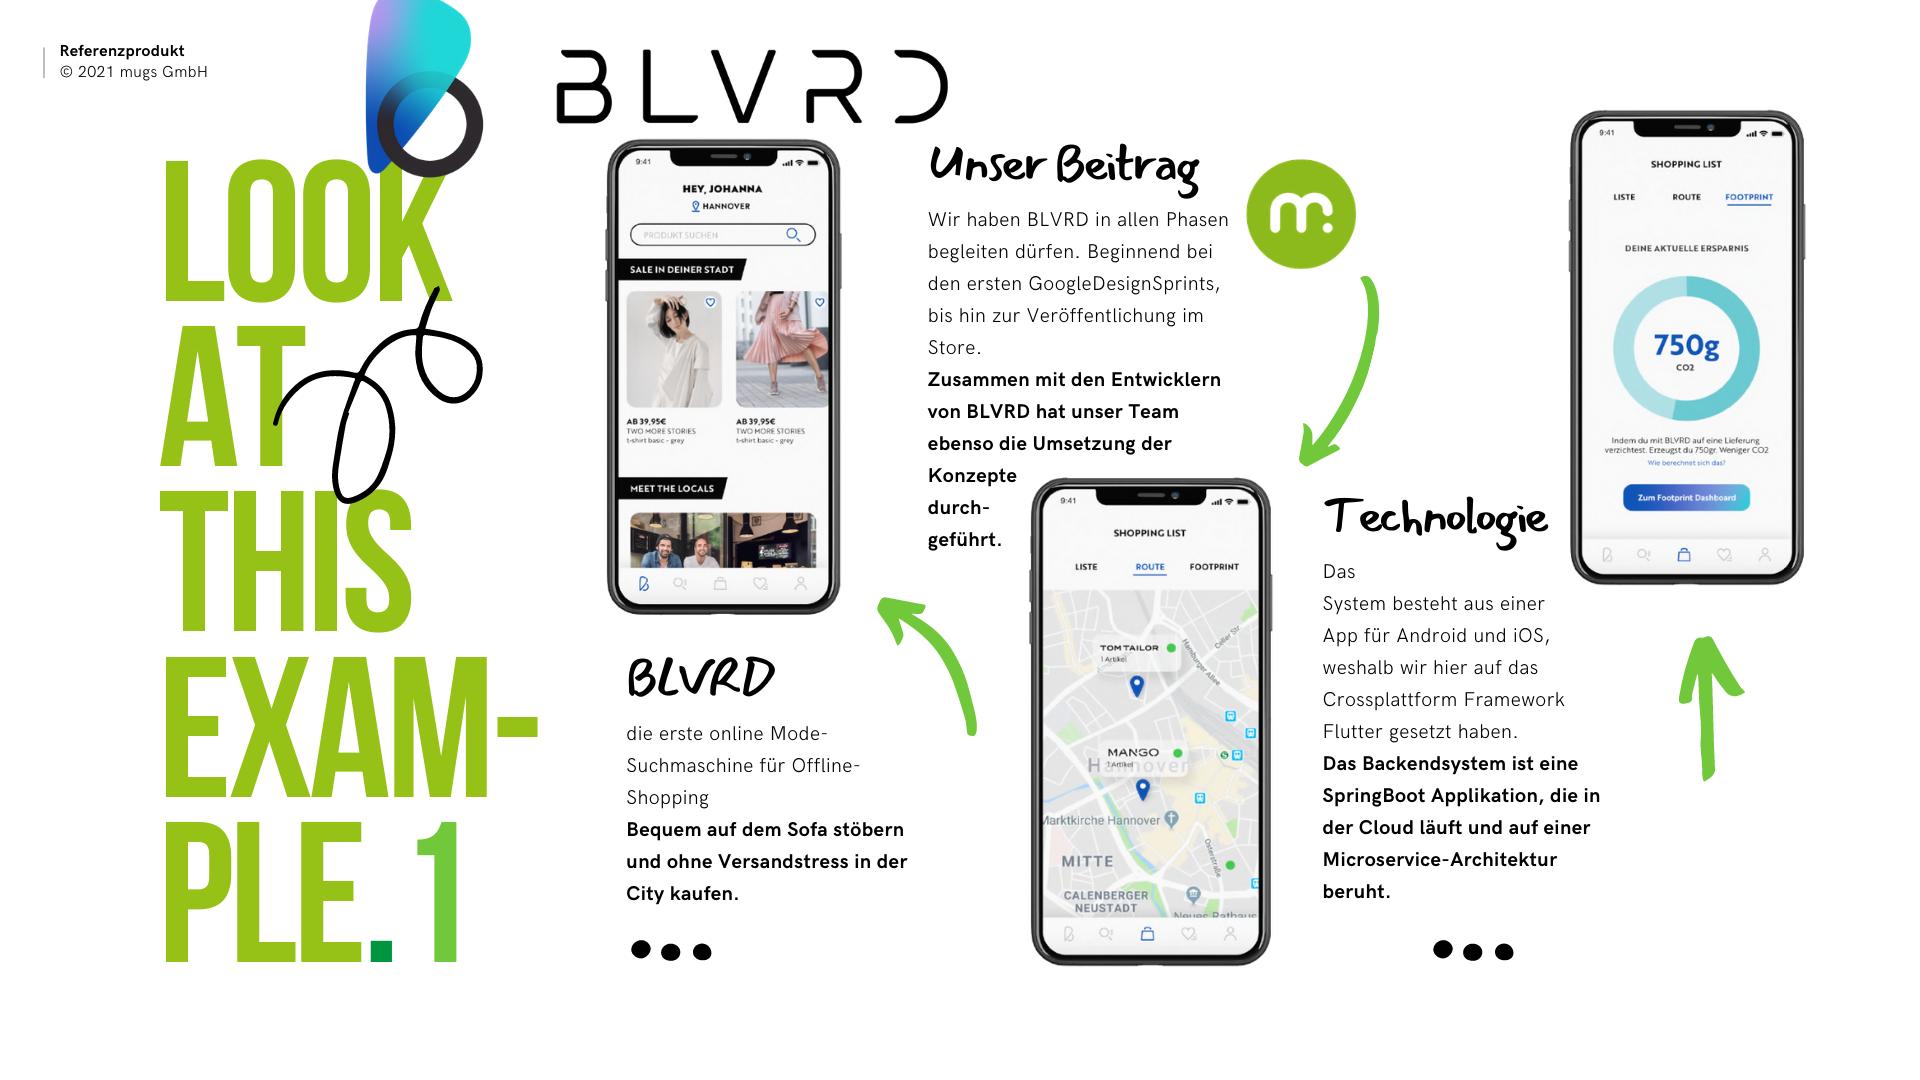 Referenz-Produkt BLVRD